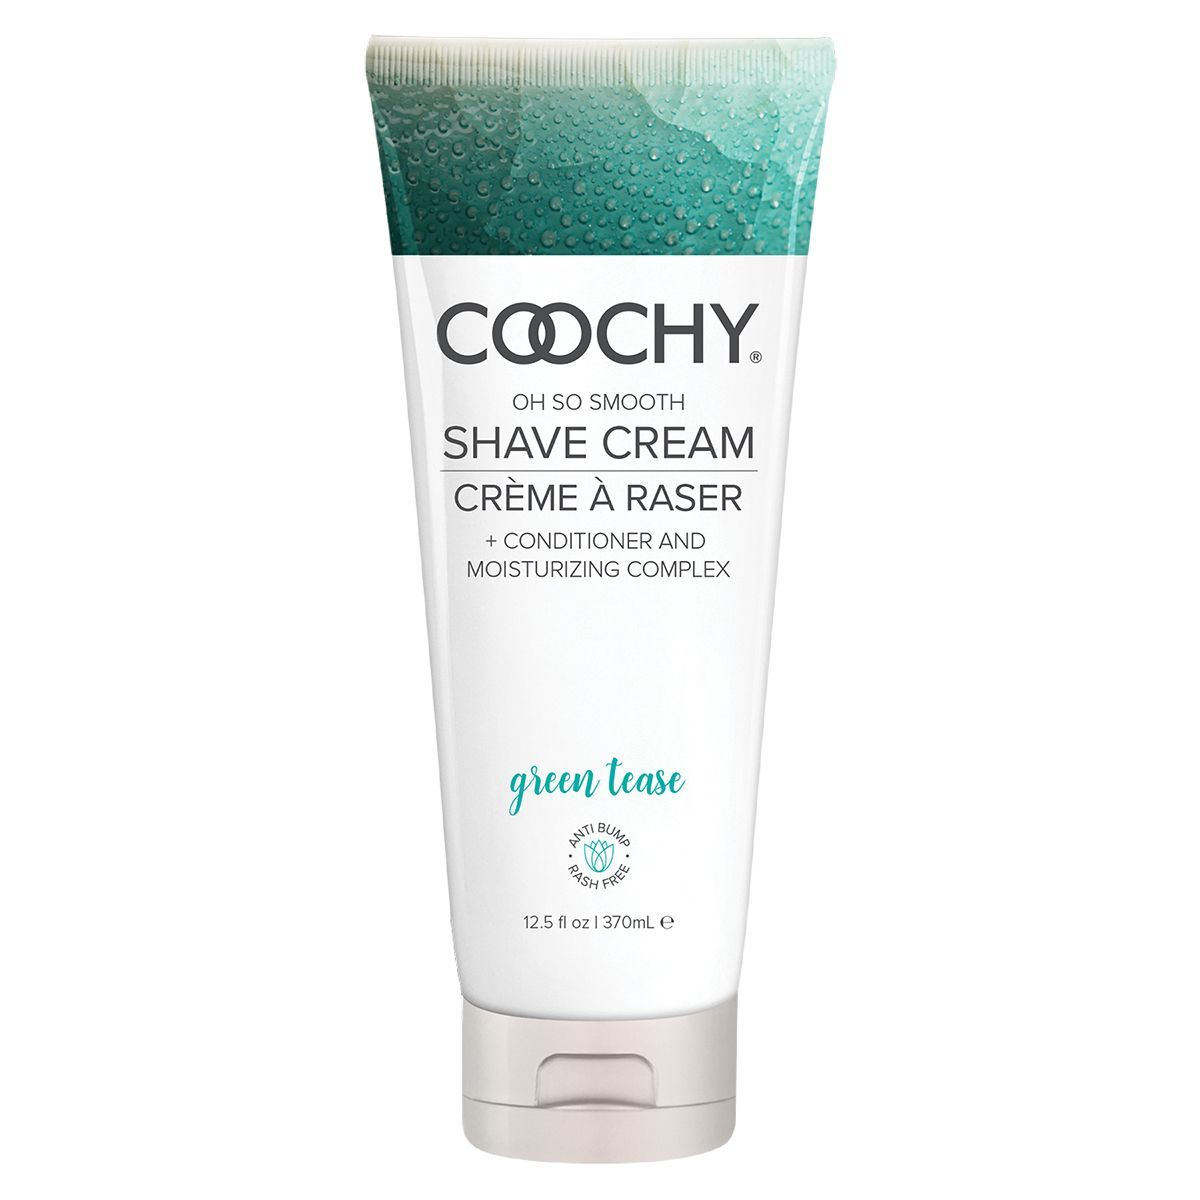 Средства по уходу за телом, косметика: Увлажняющий комплекс COOCHY Green Tease - 370 мл.